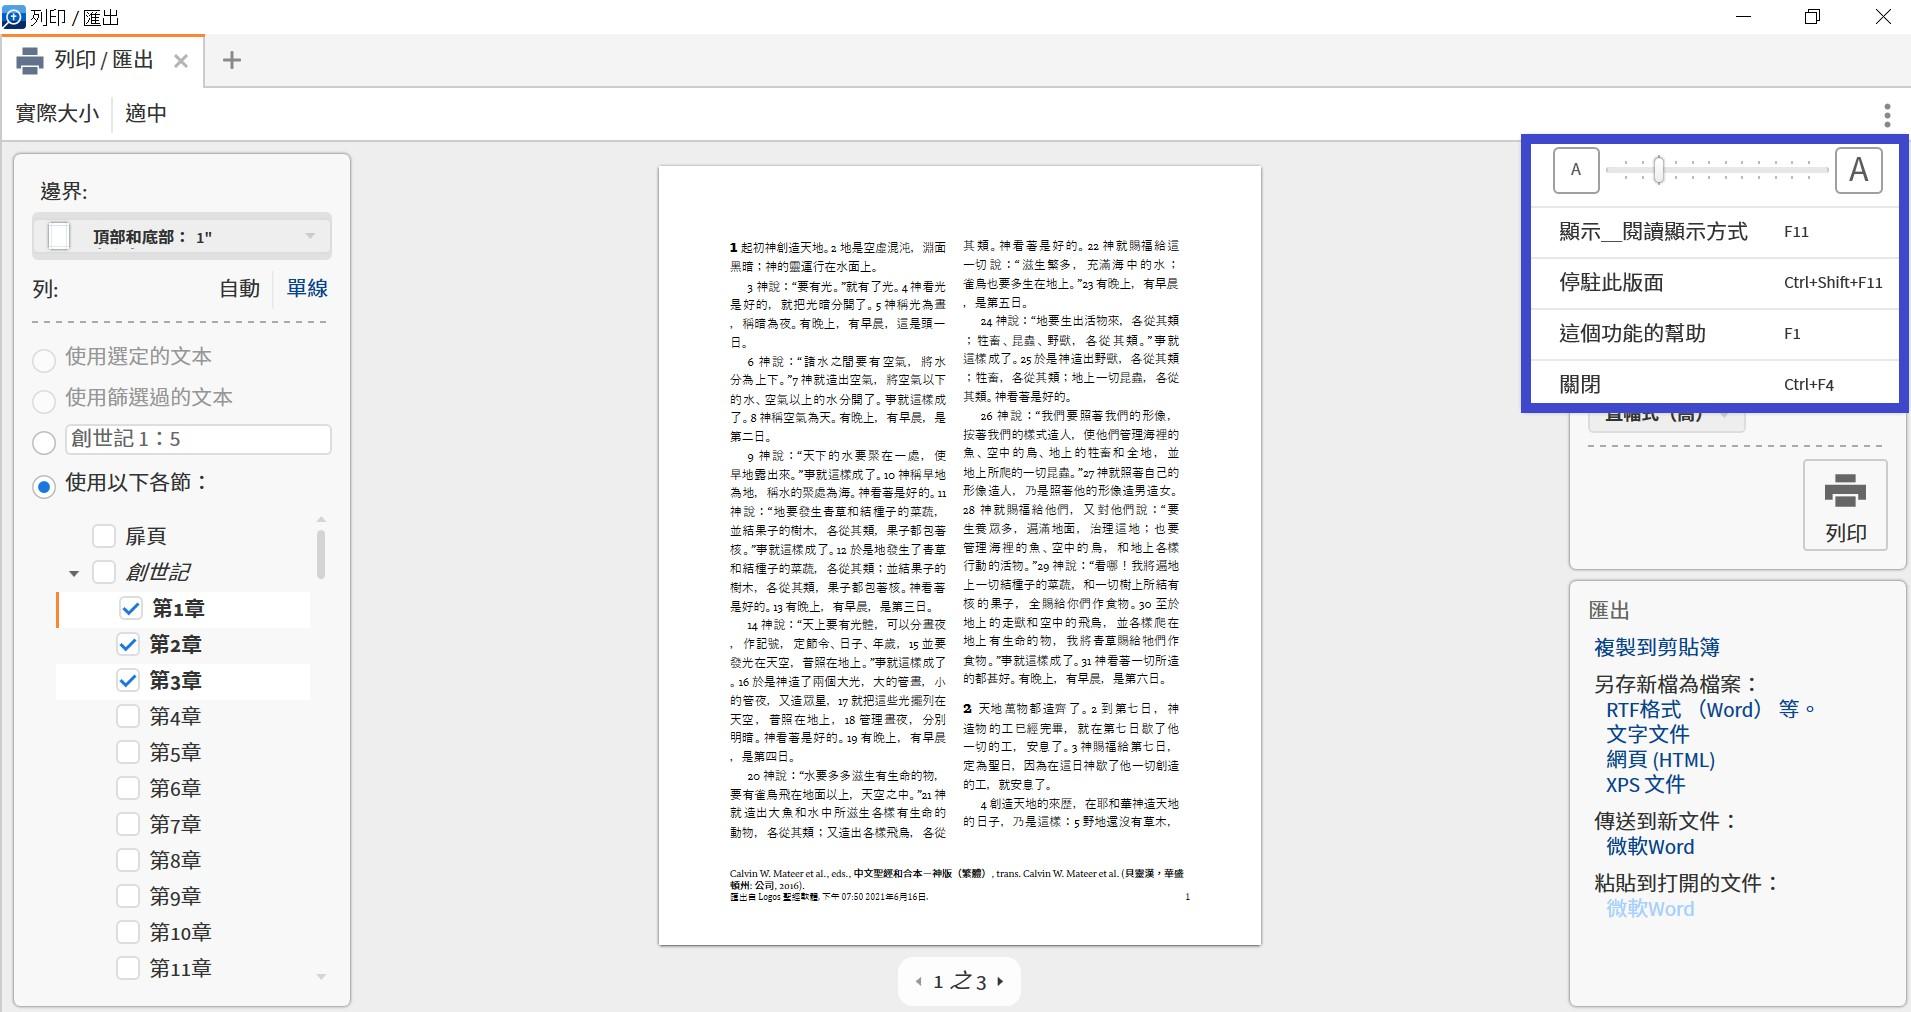 Screen_Shot_2019-09-17_at_1.14.18_PM.png